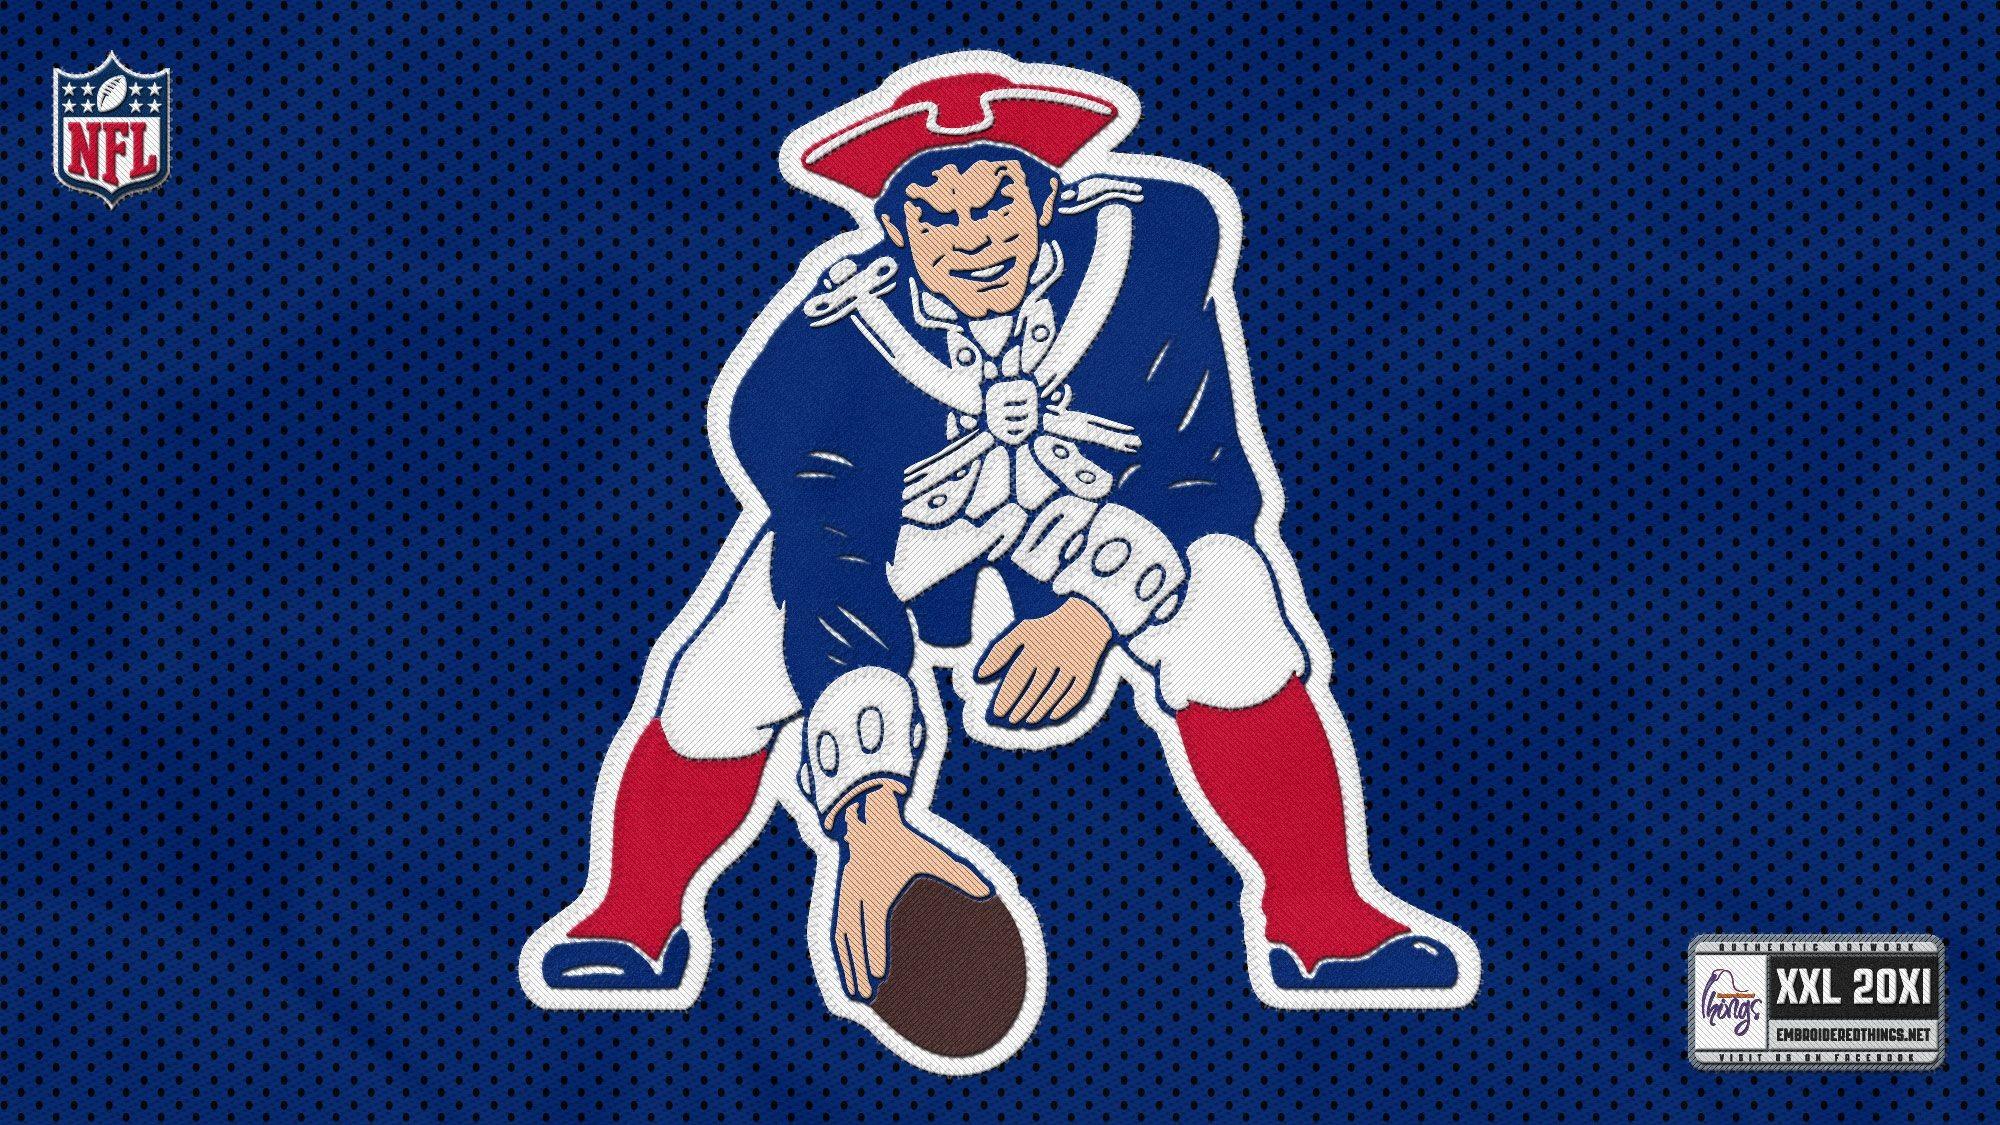 73 New England Patriots Wallpaper Hd